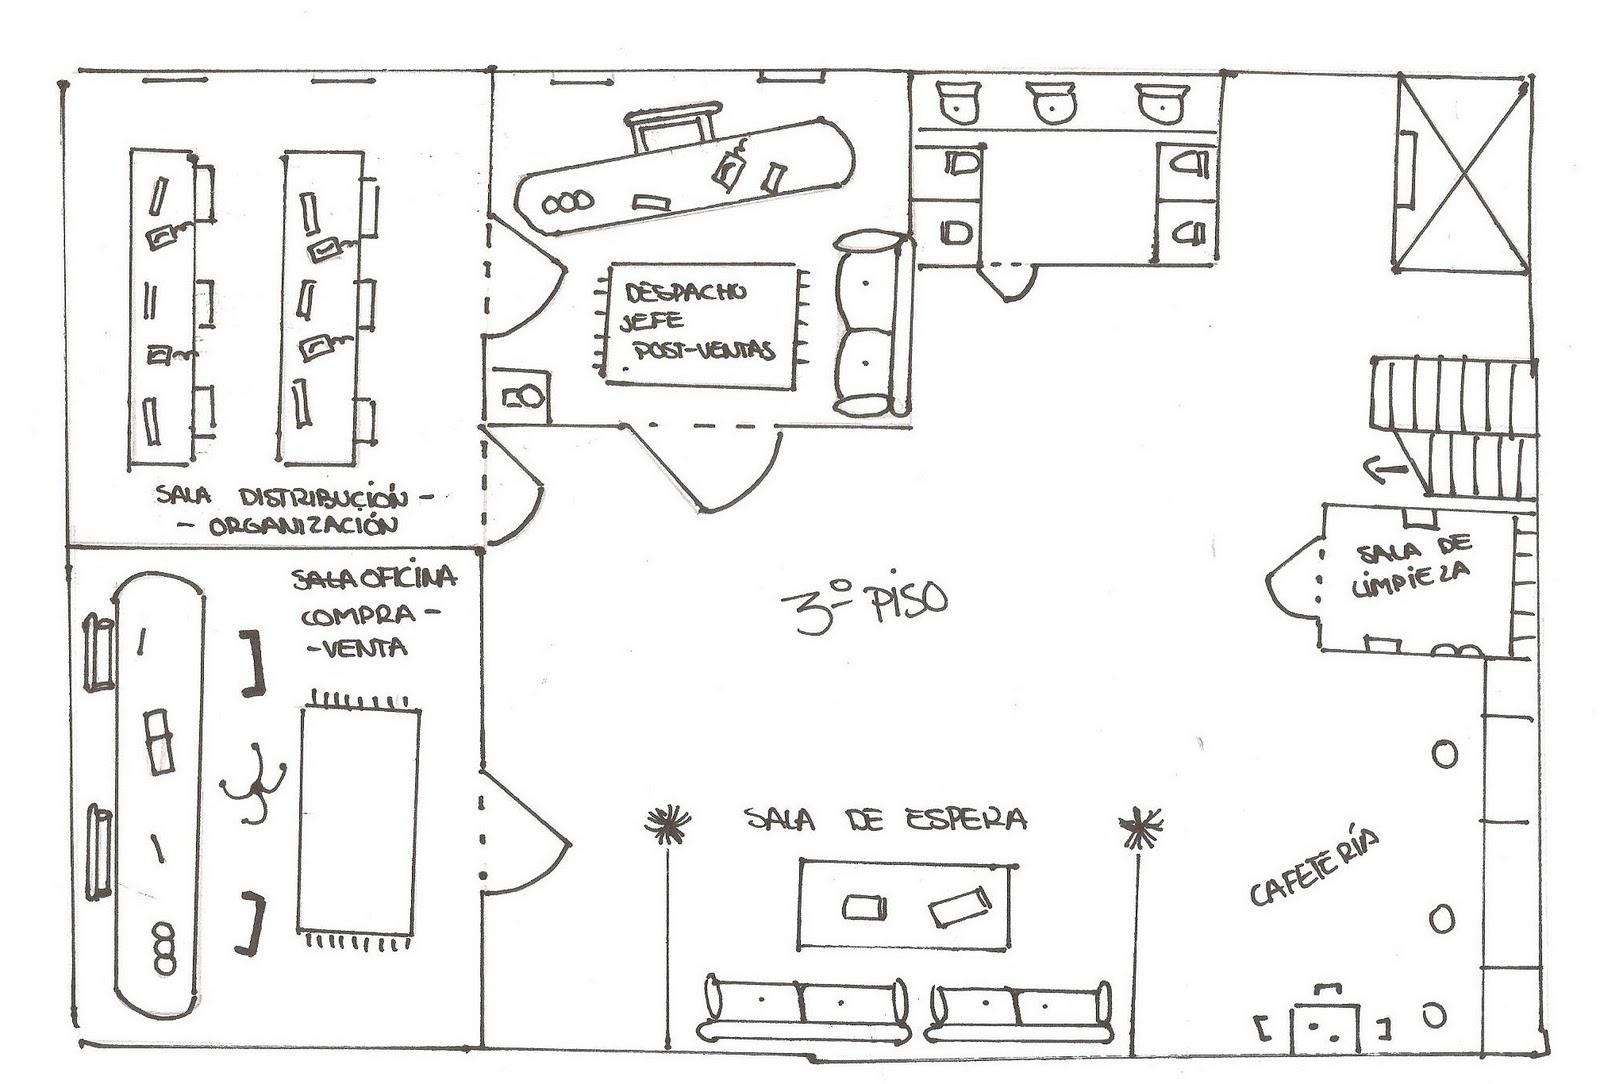 Saro creations planos de la empresa for Distribucion de oficinas en una empresa